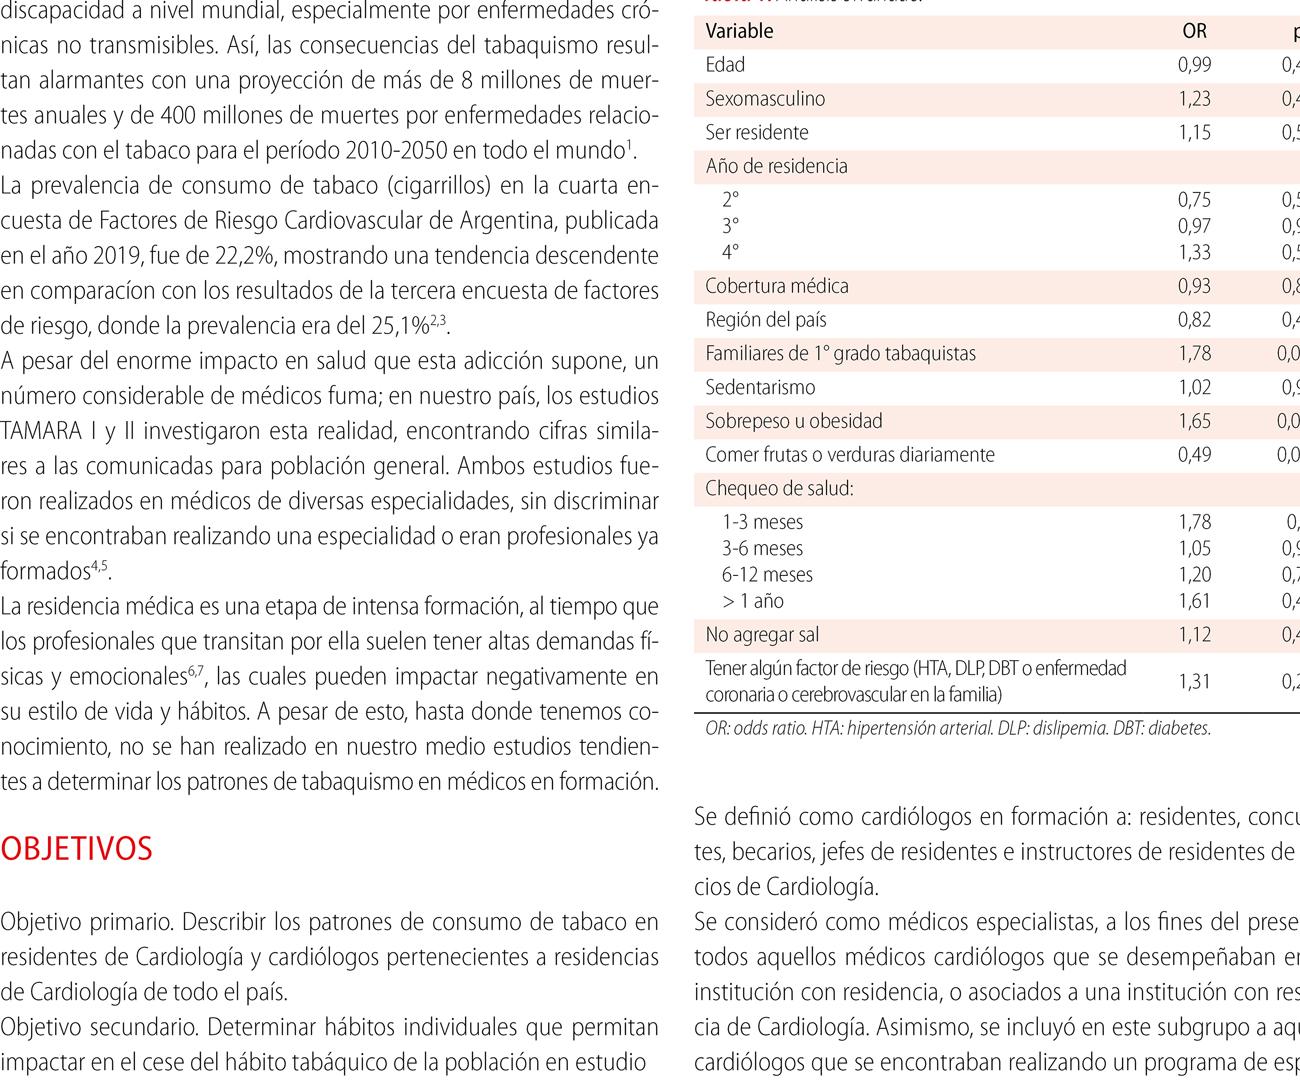 Patrones de consumo de tabaco en residentes  y cardiólogos argentinos. Subanálisis  de la encuesta sobre Factores de Riesgo Cardiovascular en Cardiólogos Argentinos (FRiCCAr)